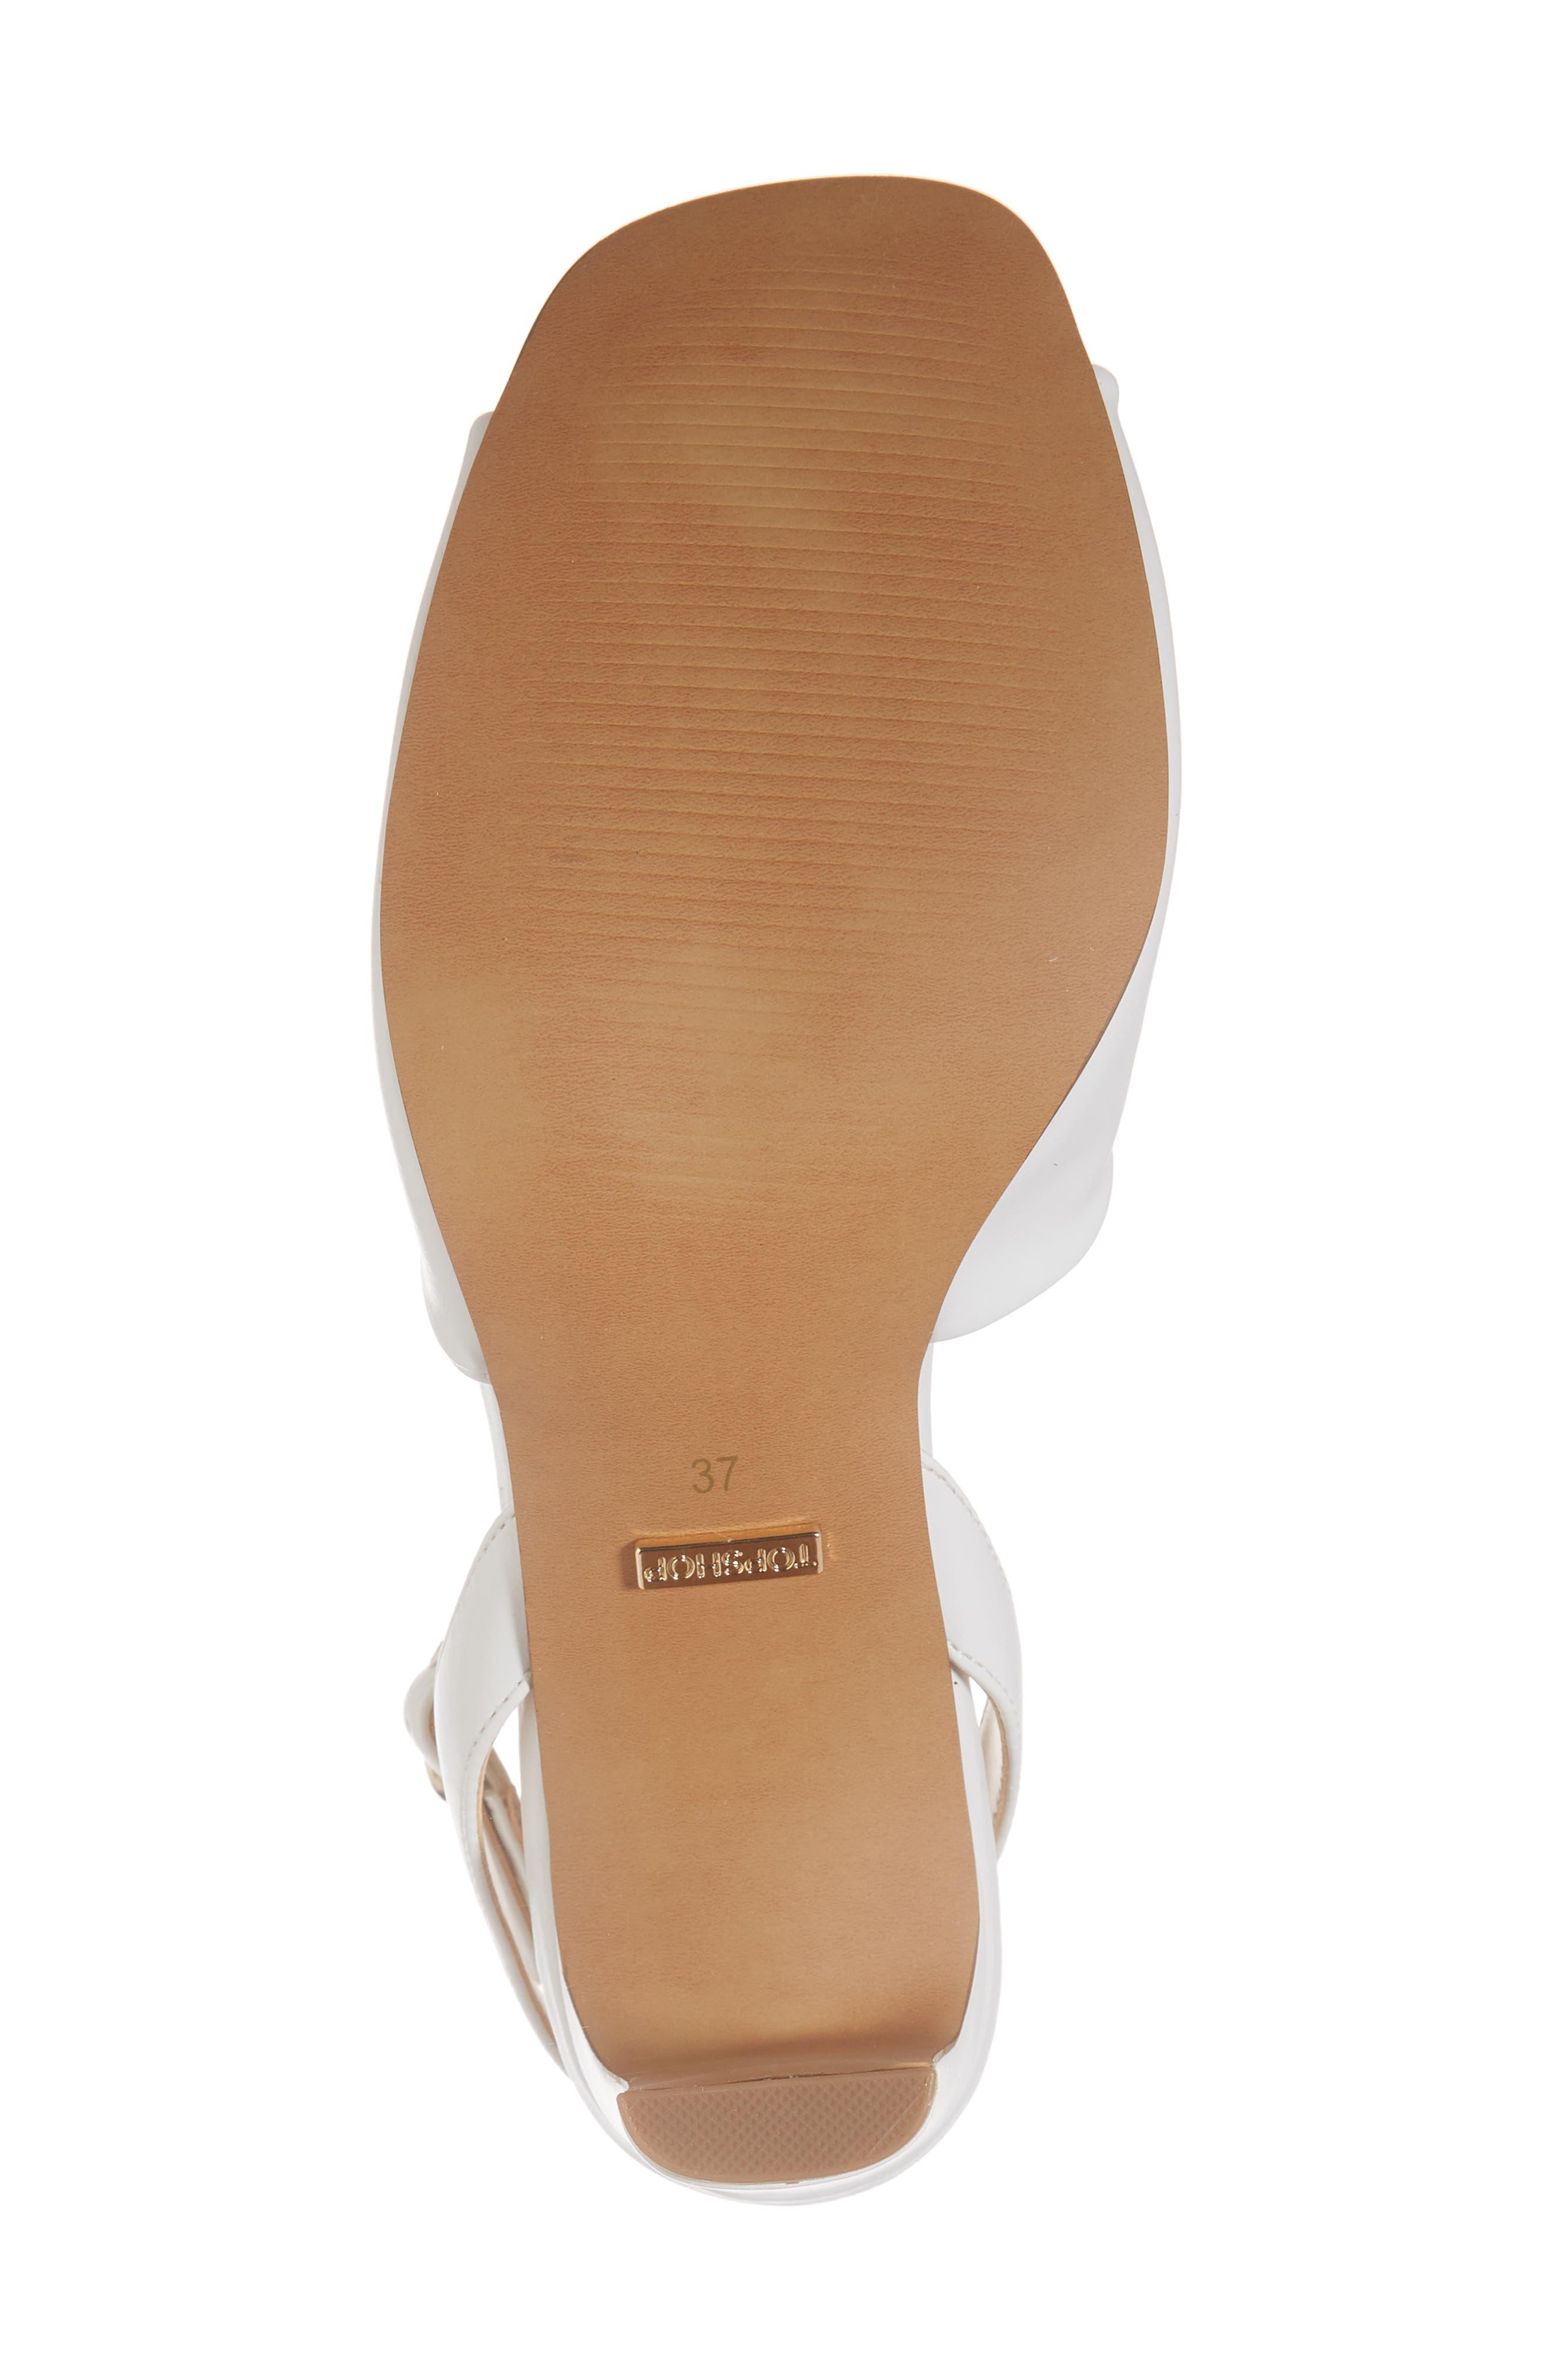 Raven Skinny Heel Sandal,                             Alternate thumbnail 6, color,                             White